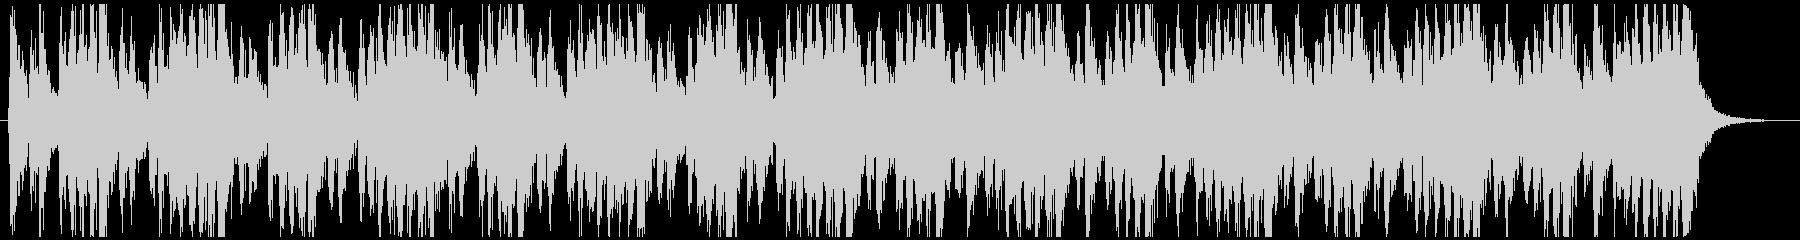 モダン 交響曲 室内楽 広い 壮大...の未再生の波形